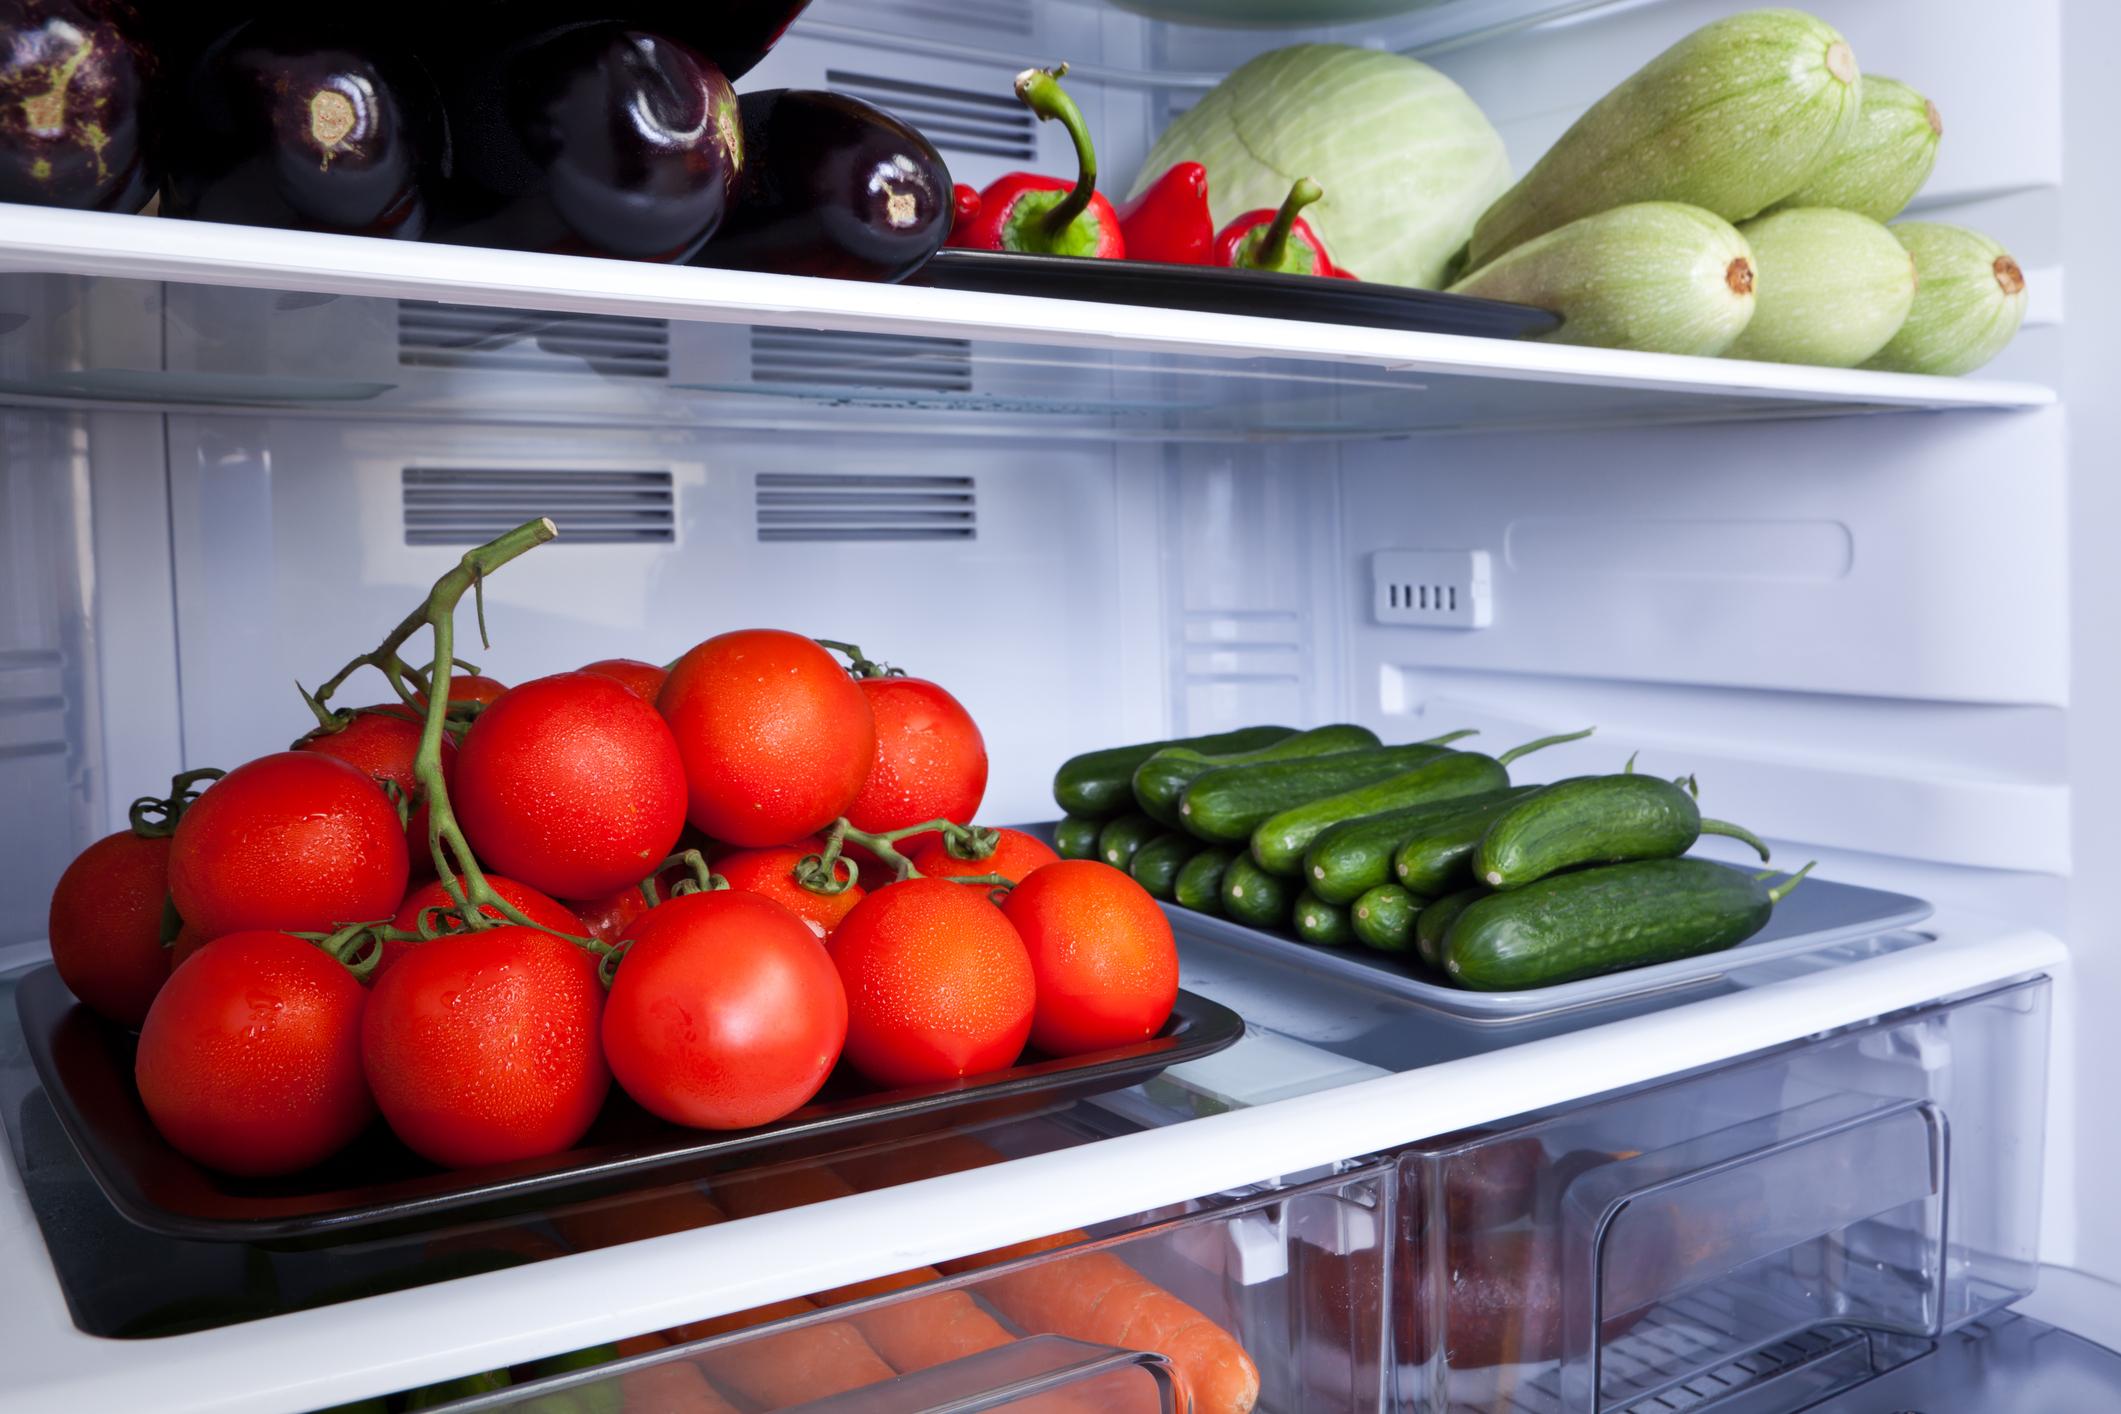 Kühlschrank Aufbewahrung : Tomaten nicht im kühlschrank lagern industrieverband agrar